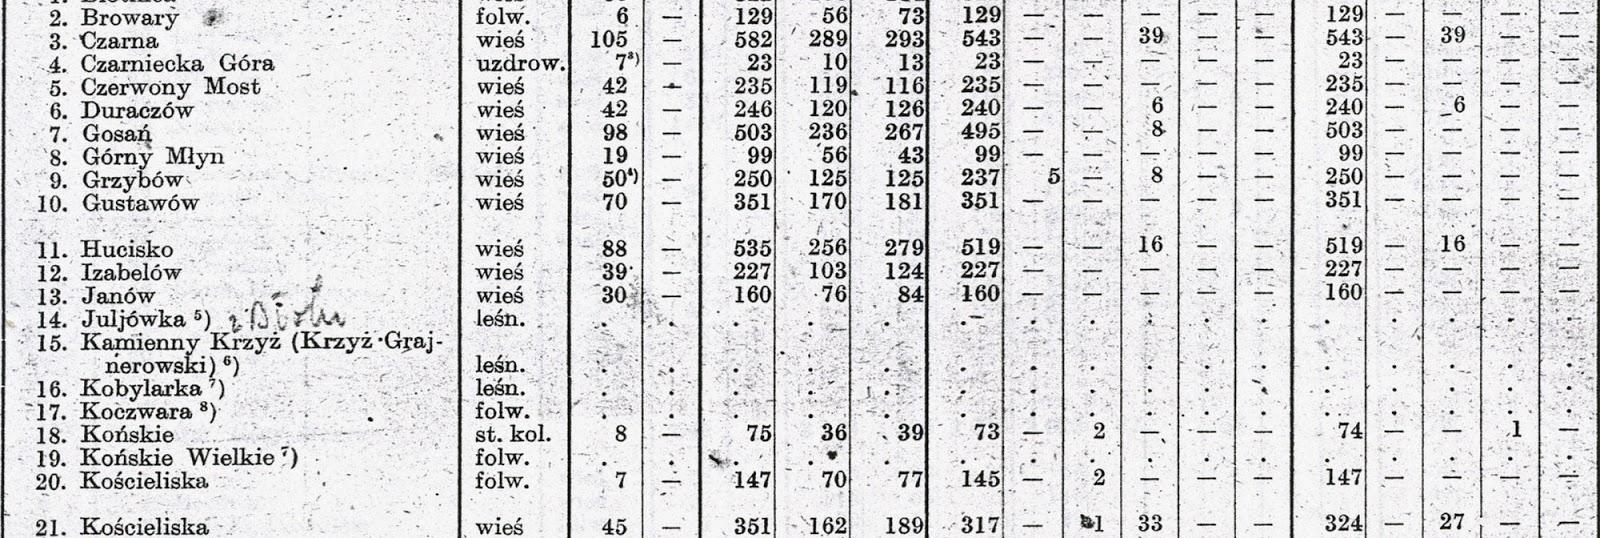 Dane statystyczne z 1921 r. Miejscowości Browary i Kościeliska występują osobno. Mnie zaciekawiła informacja, że w Kościeliskach było 33 mieszkańców wyznania mojżeszowego. Informacje w zbiorach KW.